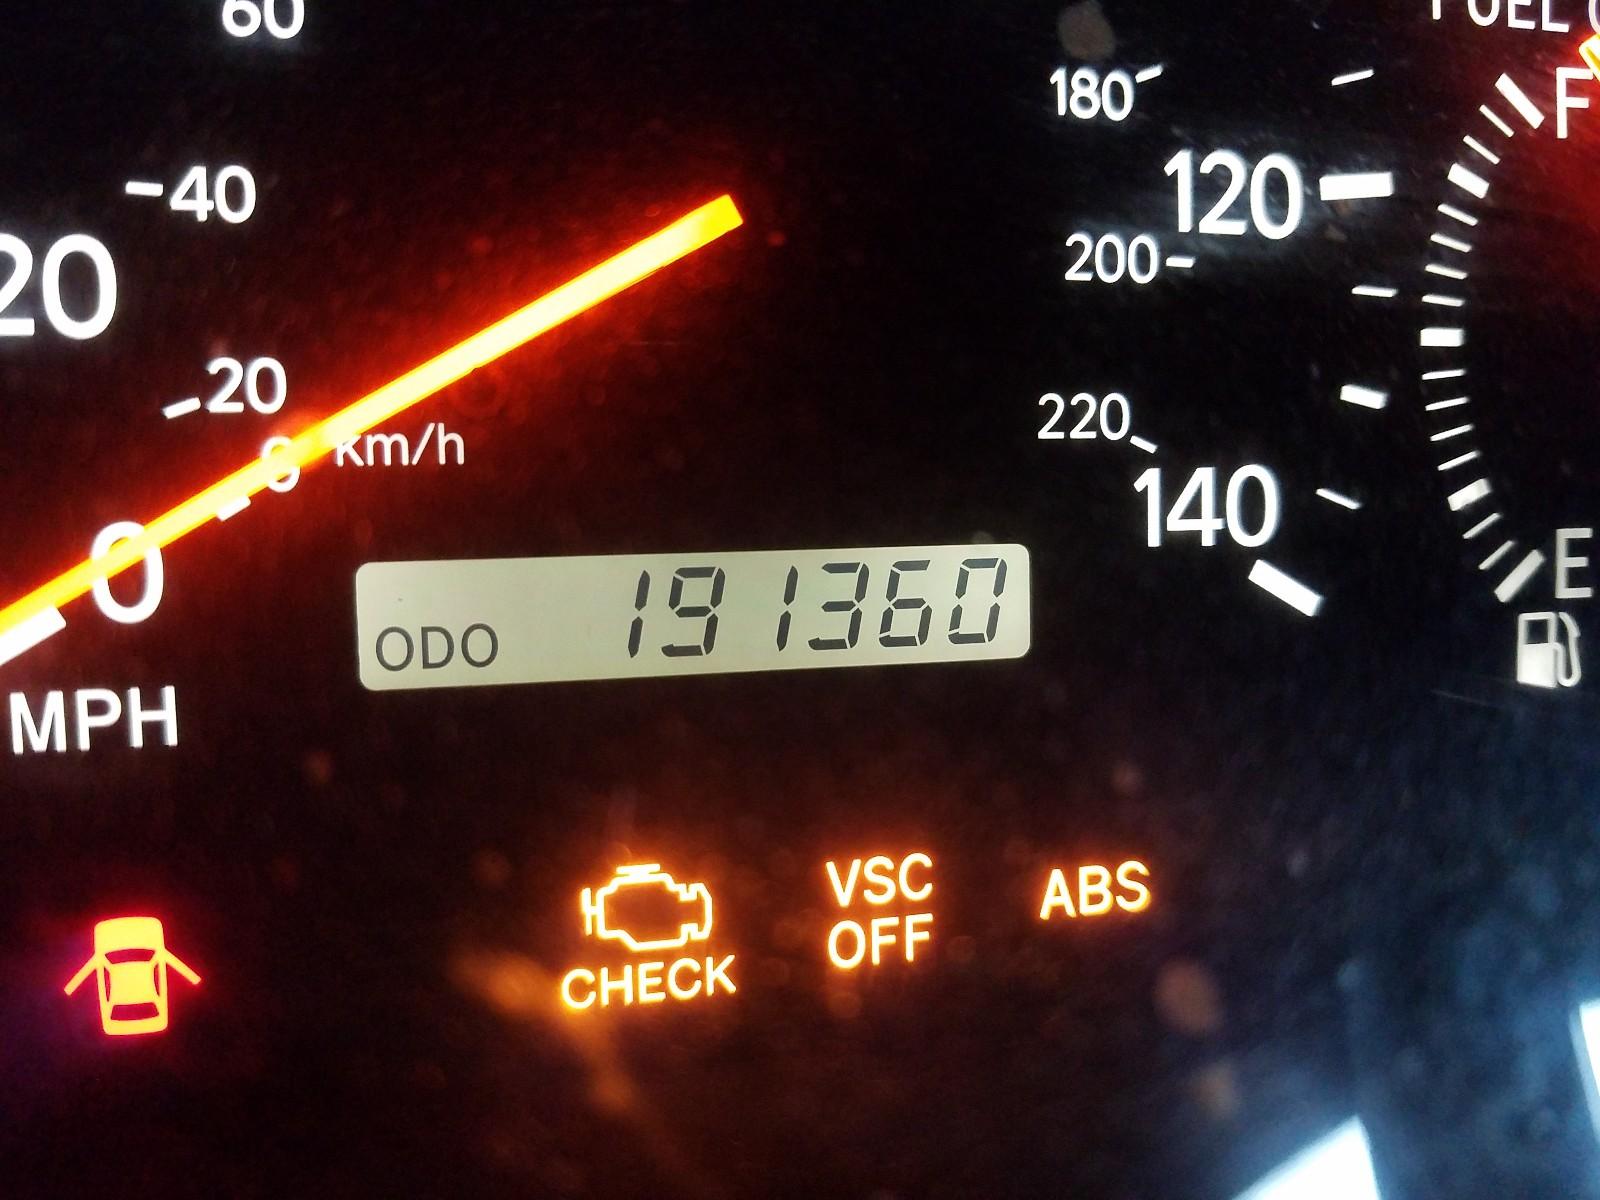 JT8BF28GXX0222882 - 1999 Lexus Es 300 3.0L front view